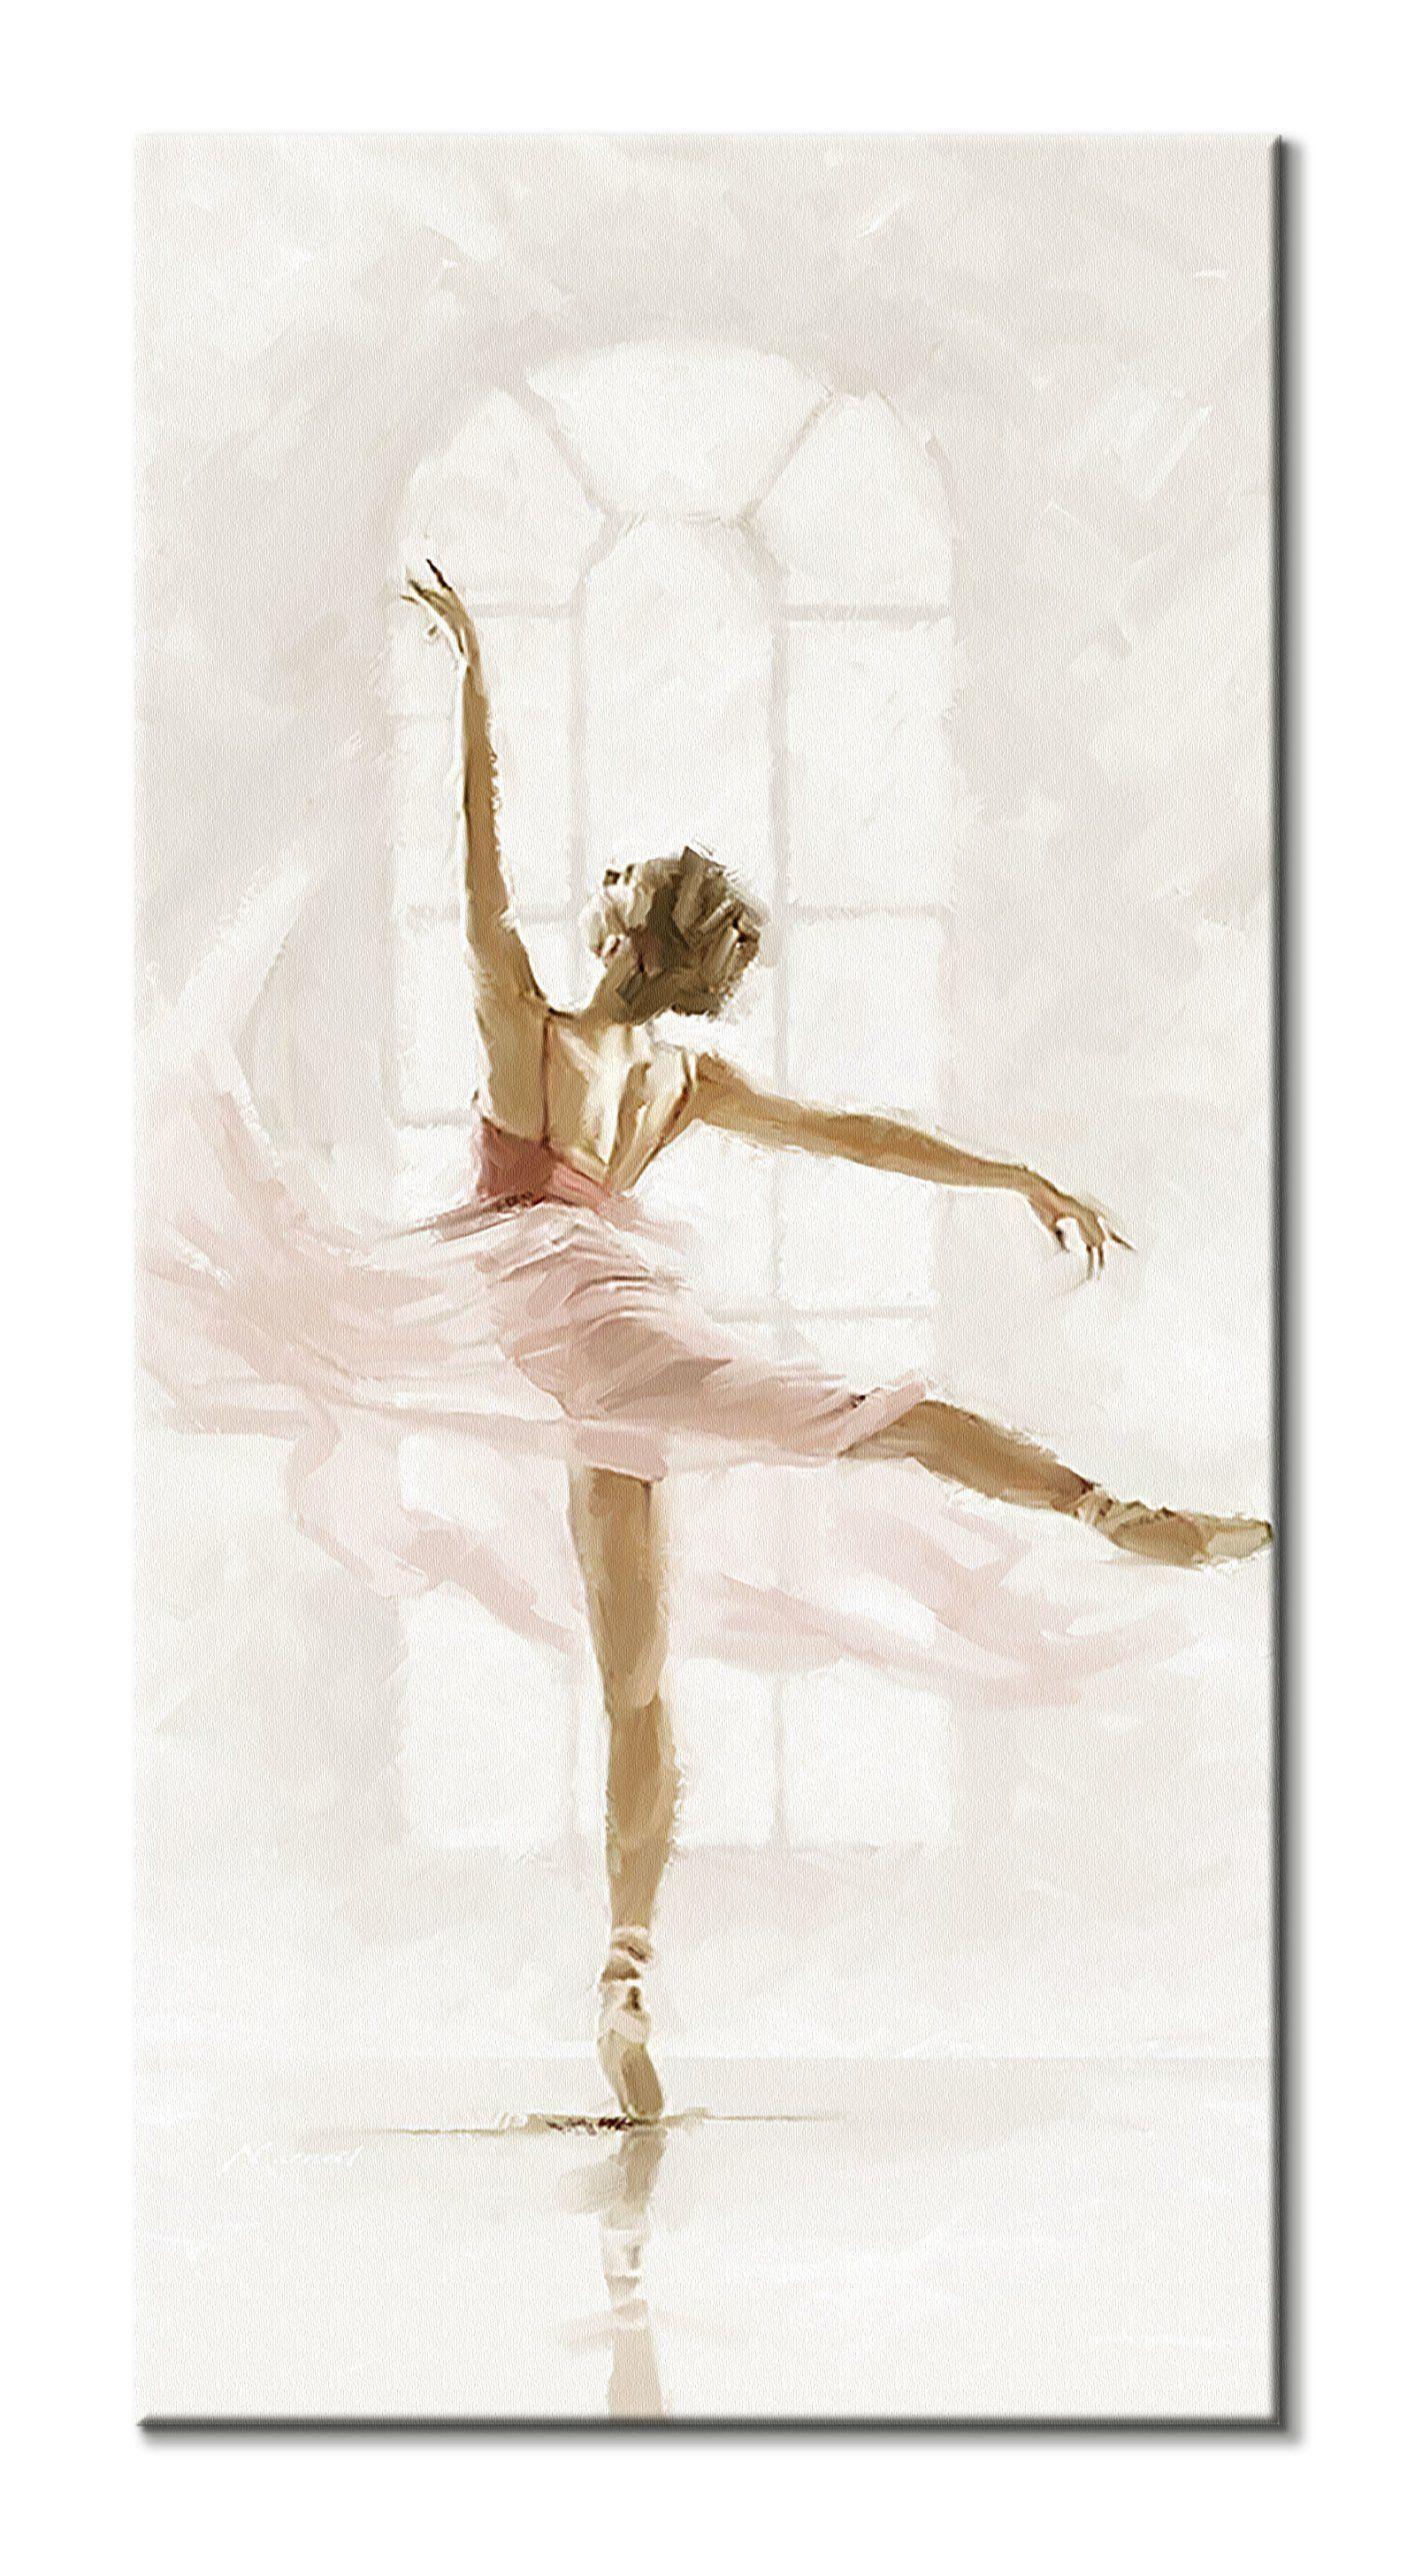 Baletnica Tancerka Obraz Na Plotnie 50x100 Cm 7204579860 Allegro Pl Wiecej Niz Aukcje With Images Obrazy Rysunki Malarstwo